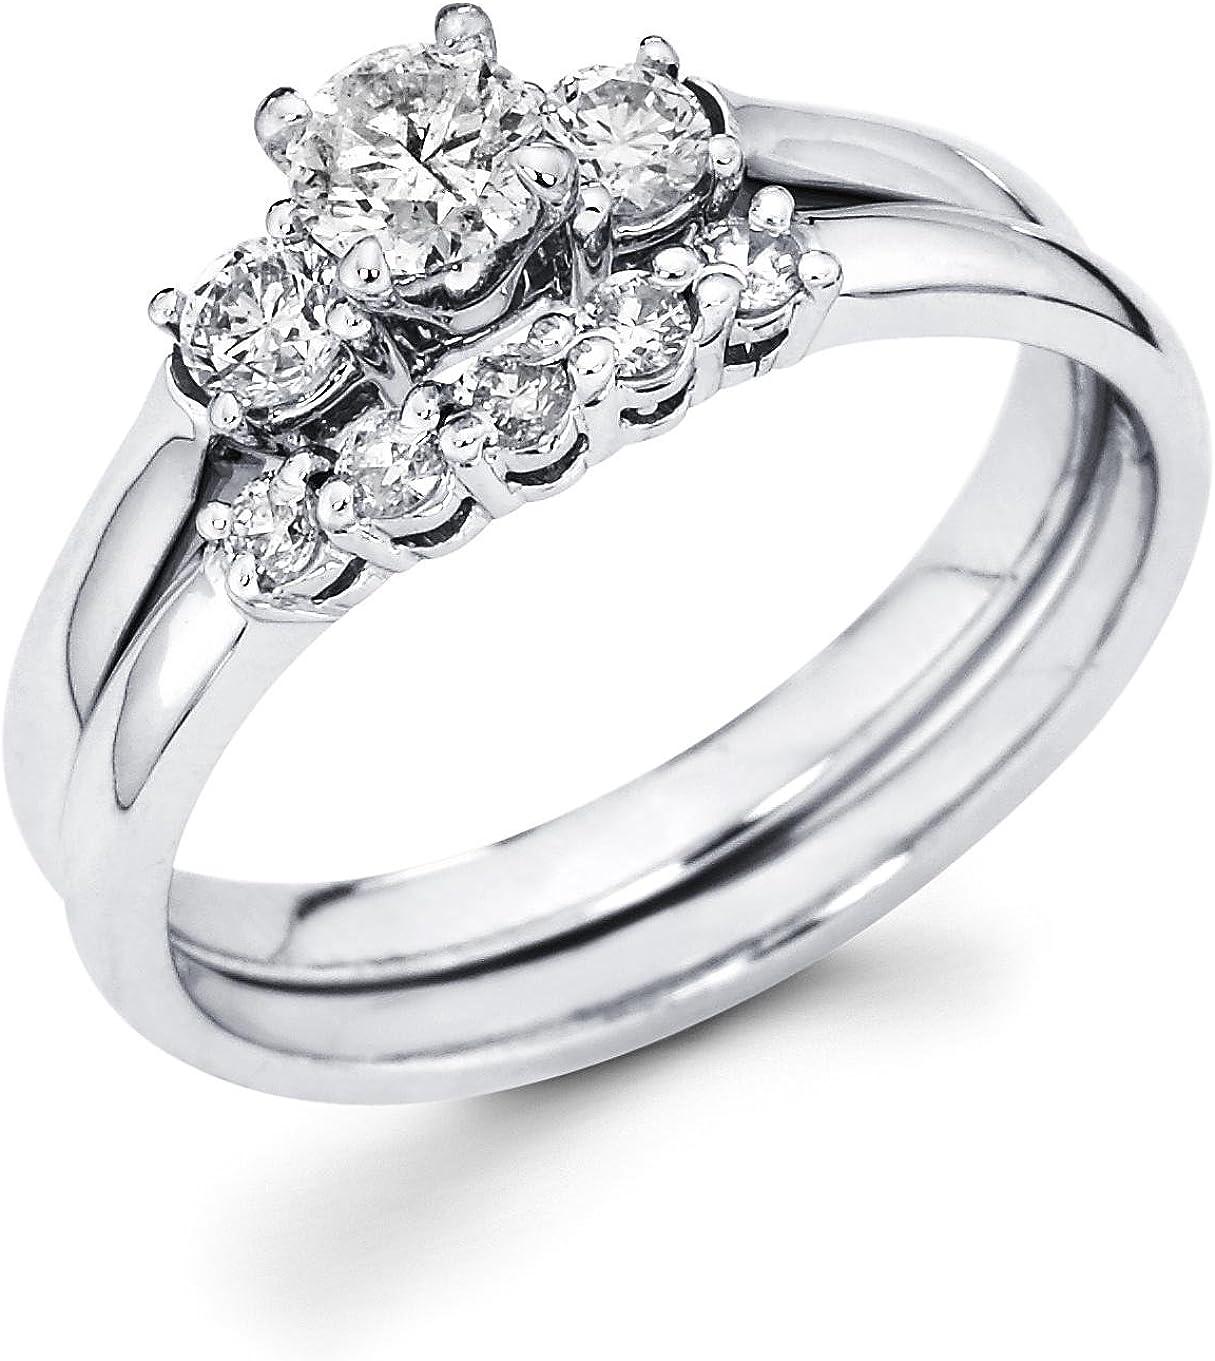 3 ct Round Diamond 14k White Gold Over 5 Stone Engagement Anniversary Band Ring